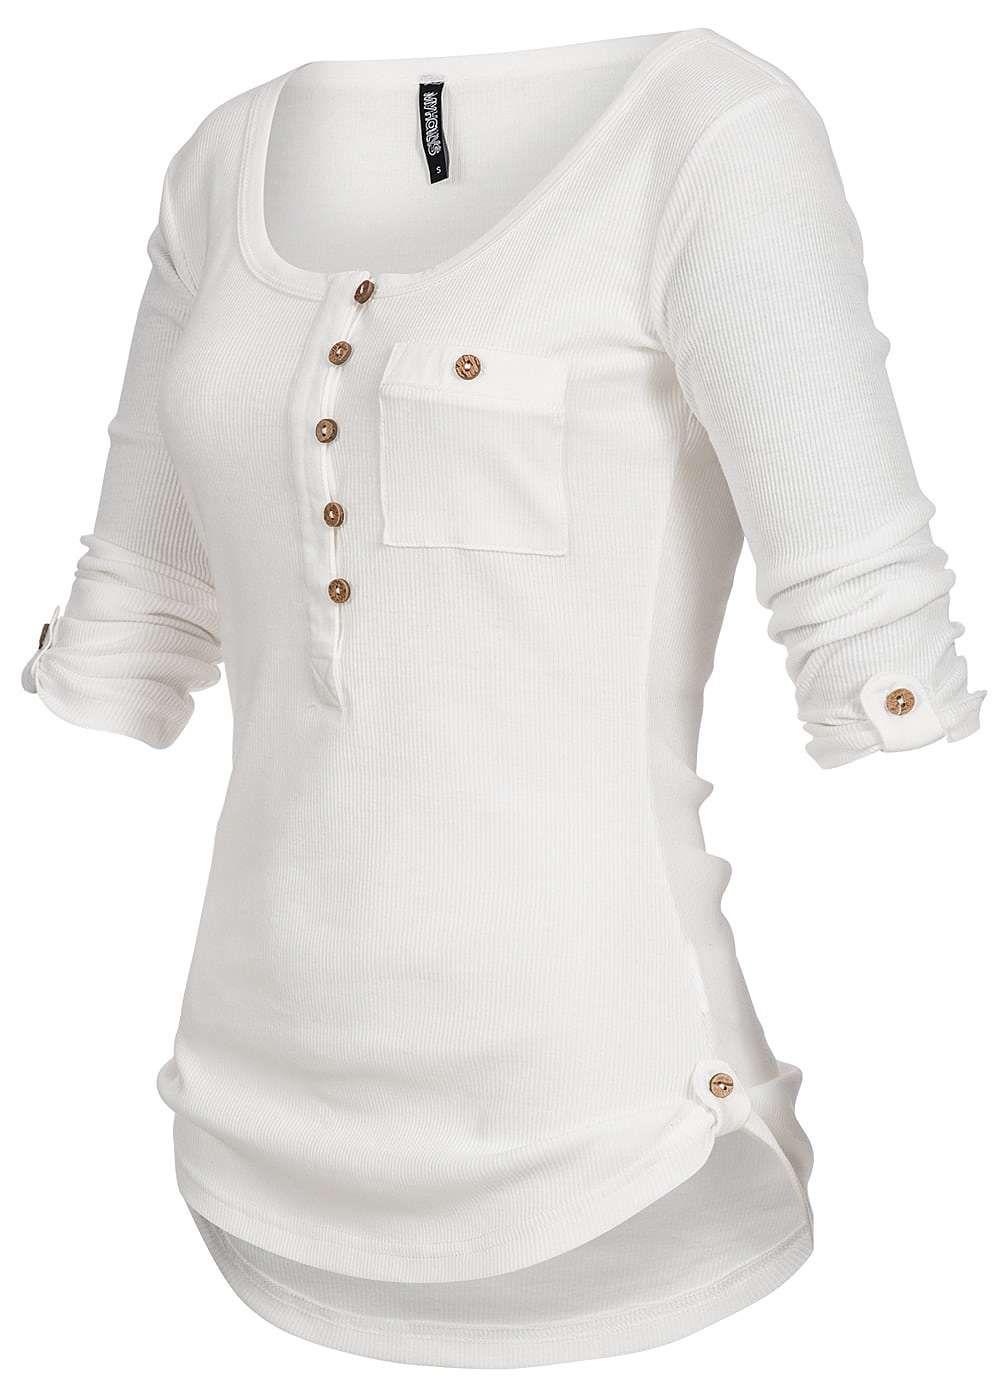 ffa2b4ad4ab015 Hailys Damen Shirt 3 4 Turn-Up Ärmel halbe Knopfleiste Brusttasche weiss -  77onlineshop